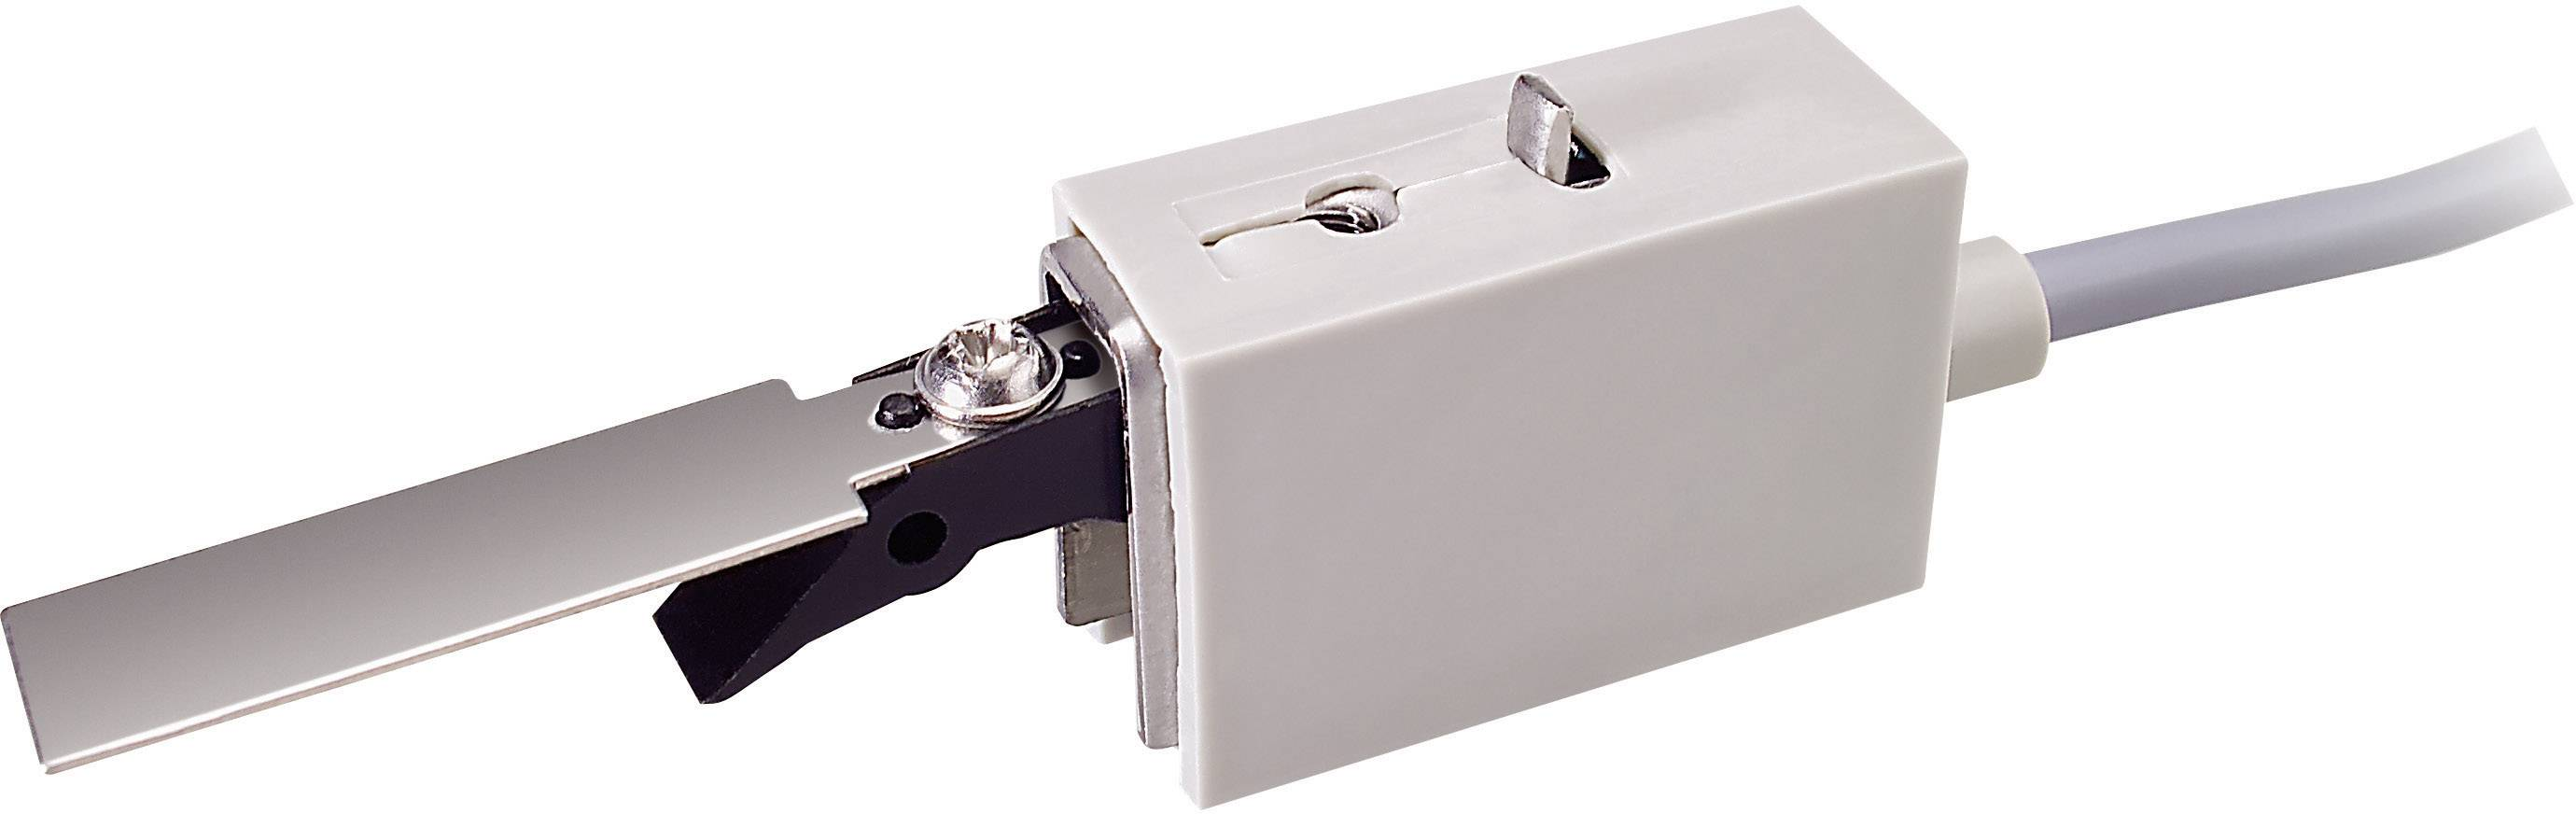 Dvěřní mikrospínač se západkou2 ABUS RS1000